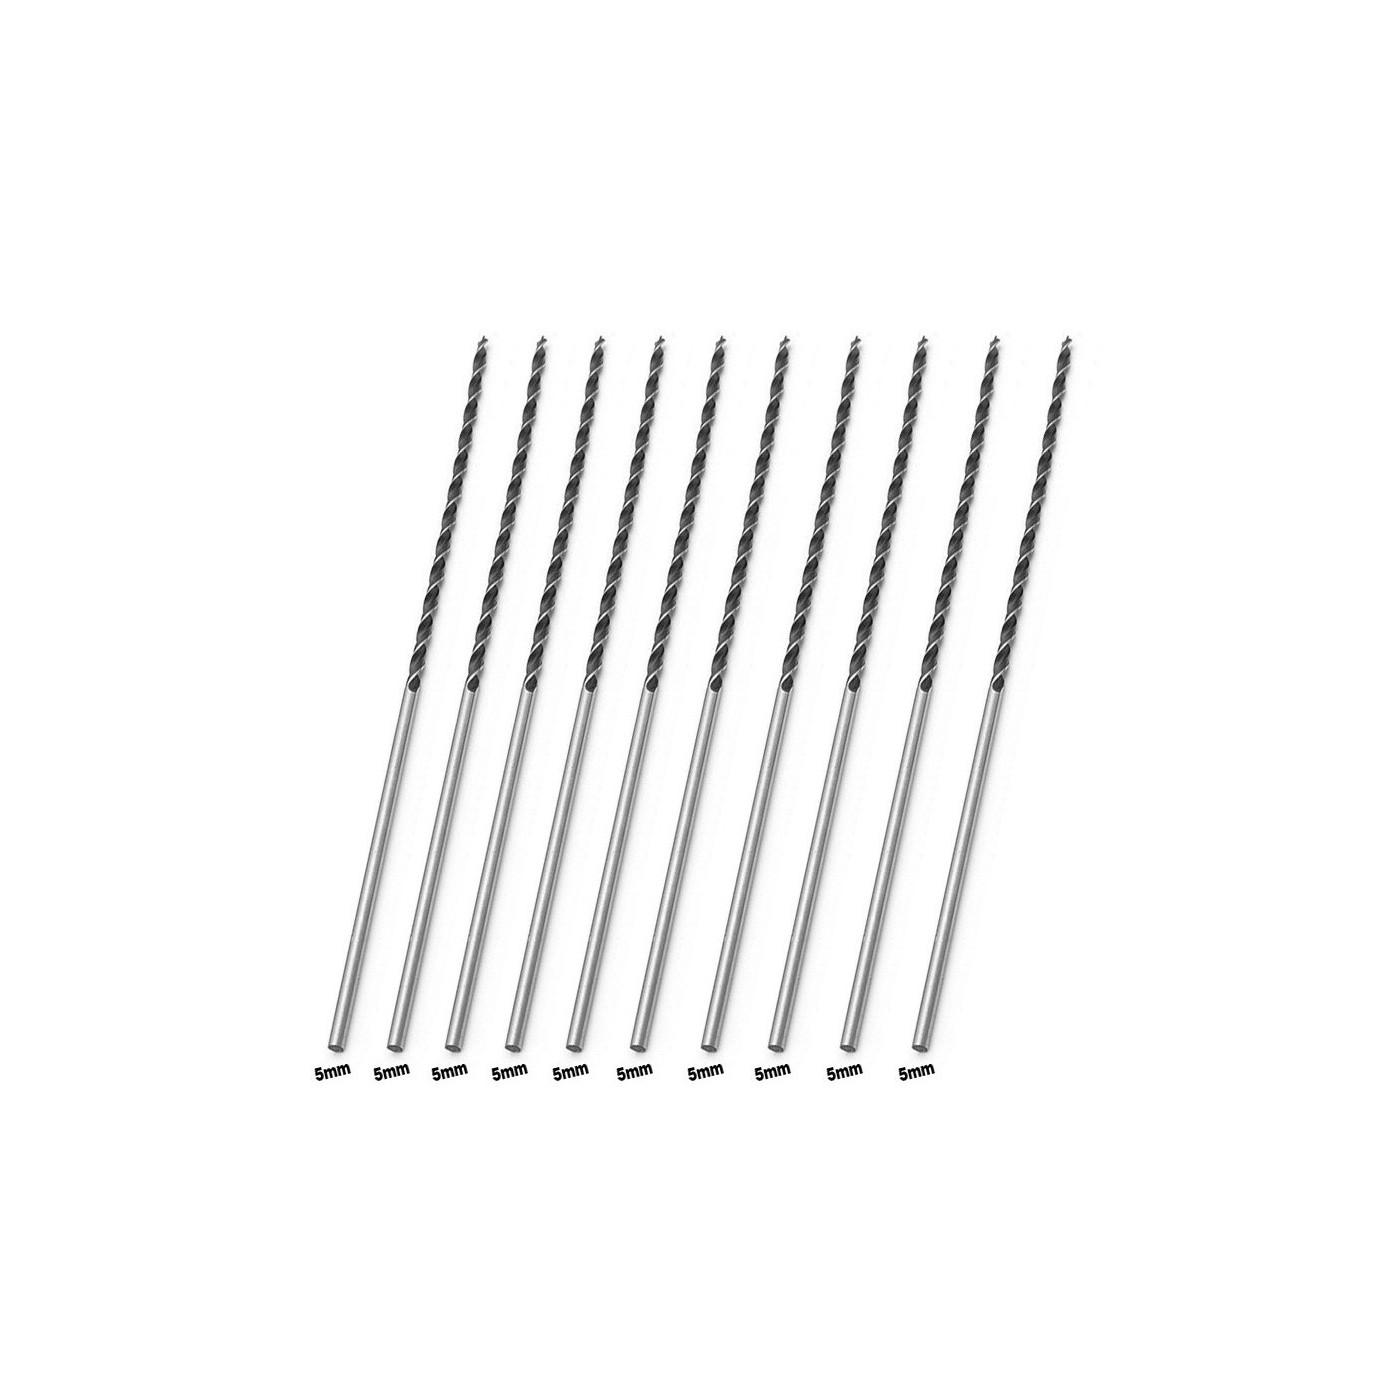 Jeu de 10 forets à bois extra longs (5x300 mm)